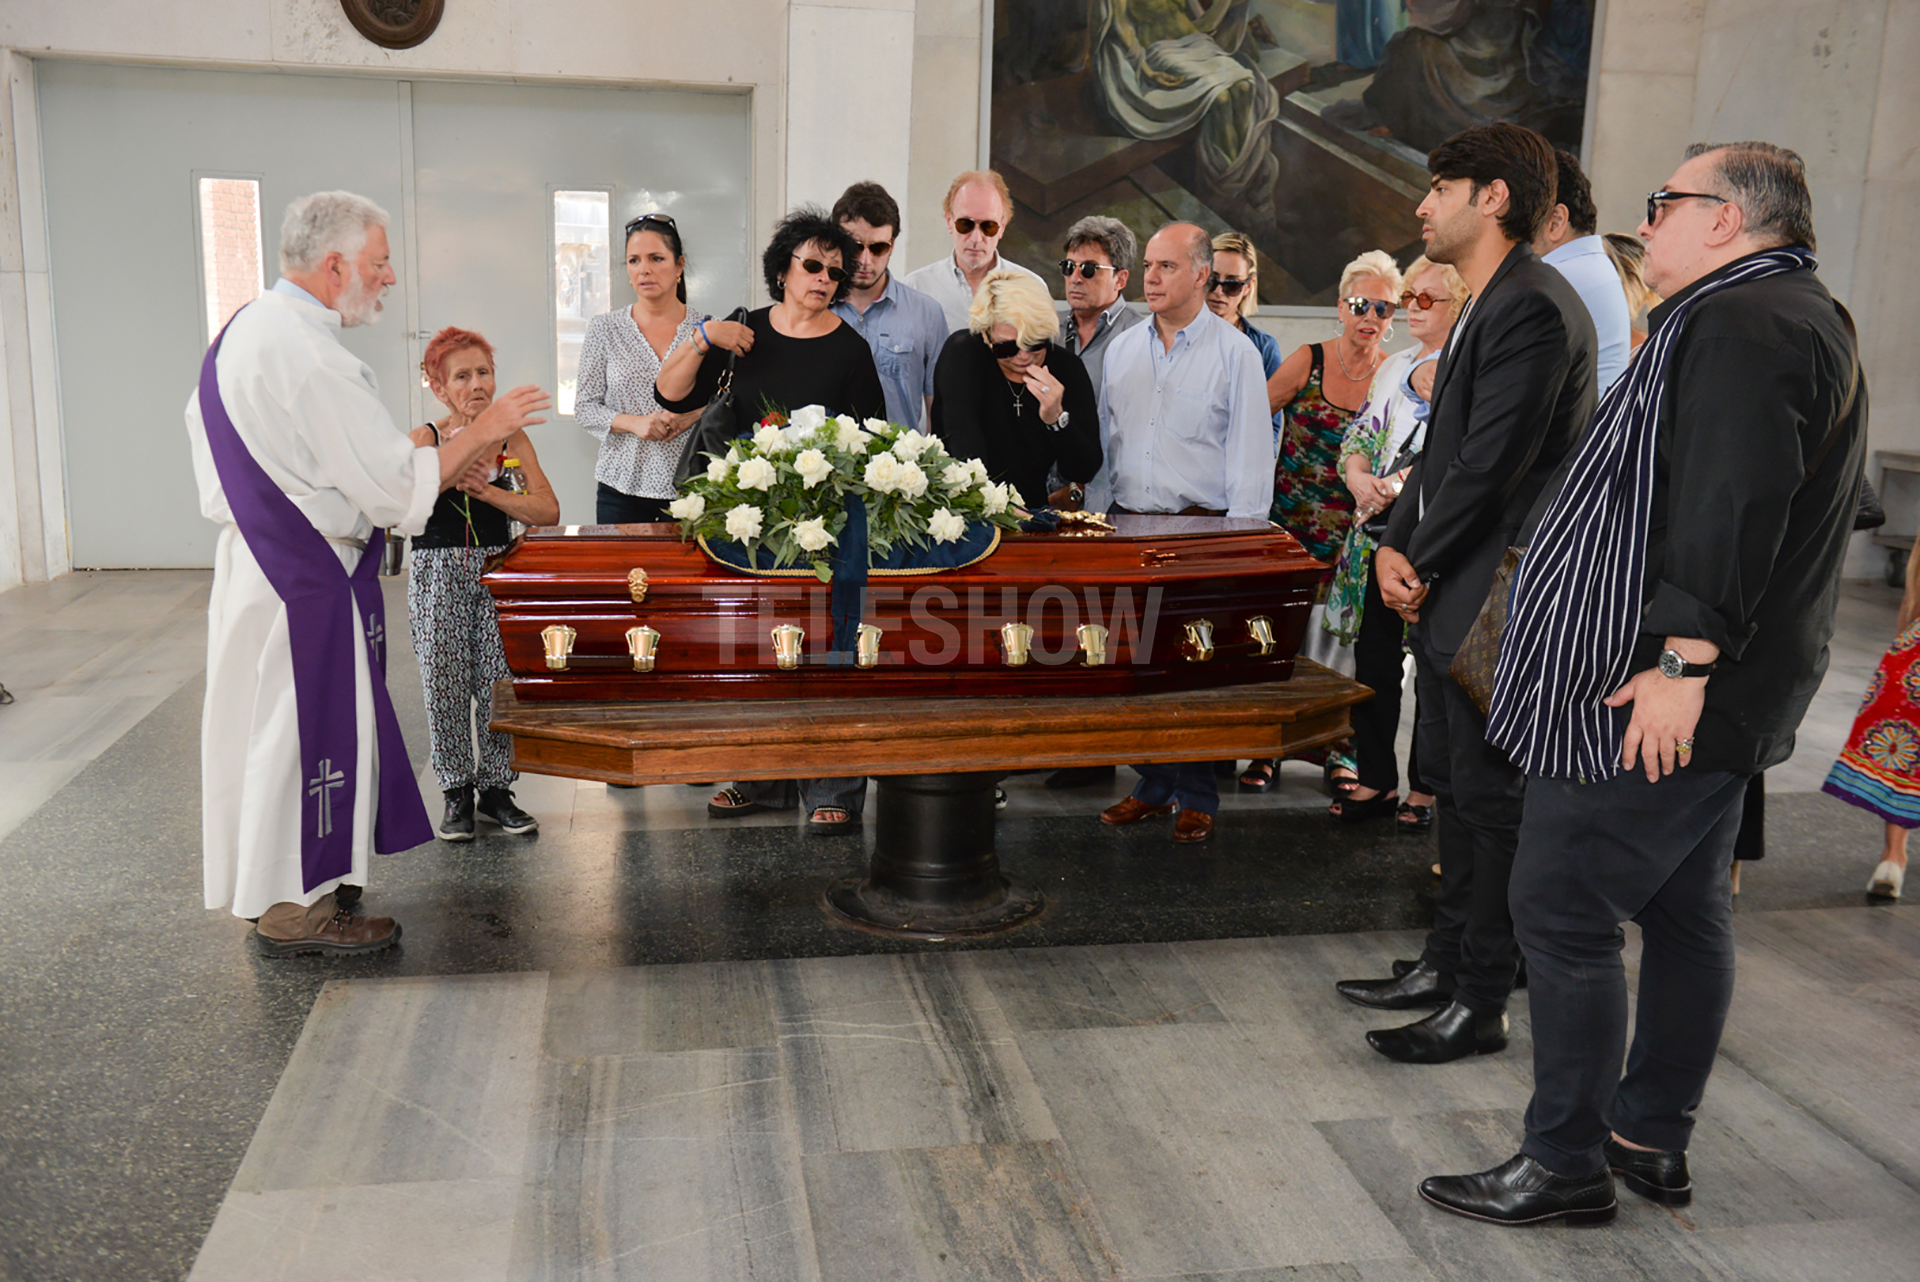 Los restos de Ana, quien tenía 90 años, fueron trasladados desde una cochería porteña que no ofreció velatorio